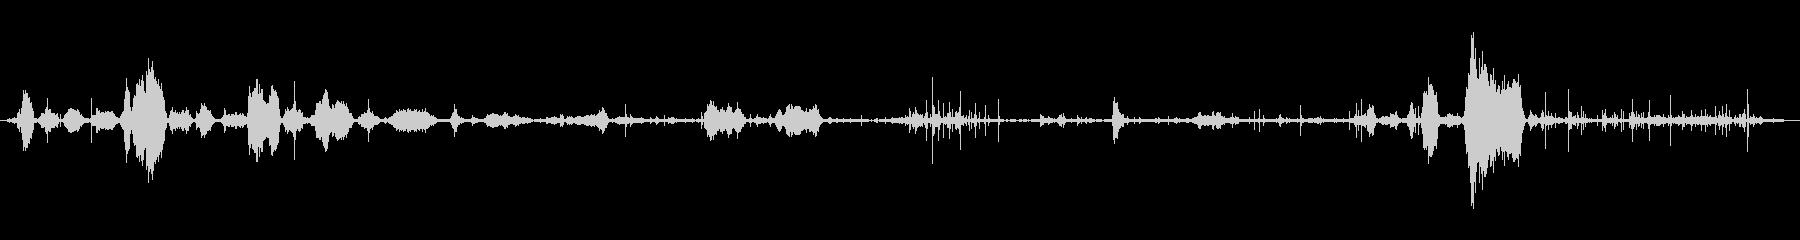 イングリッシュブルドッグ:あえぎと喘鳴の未再生の波形